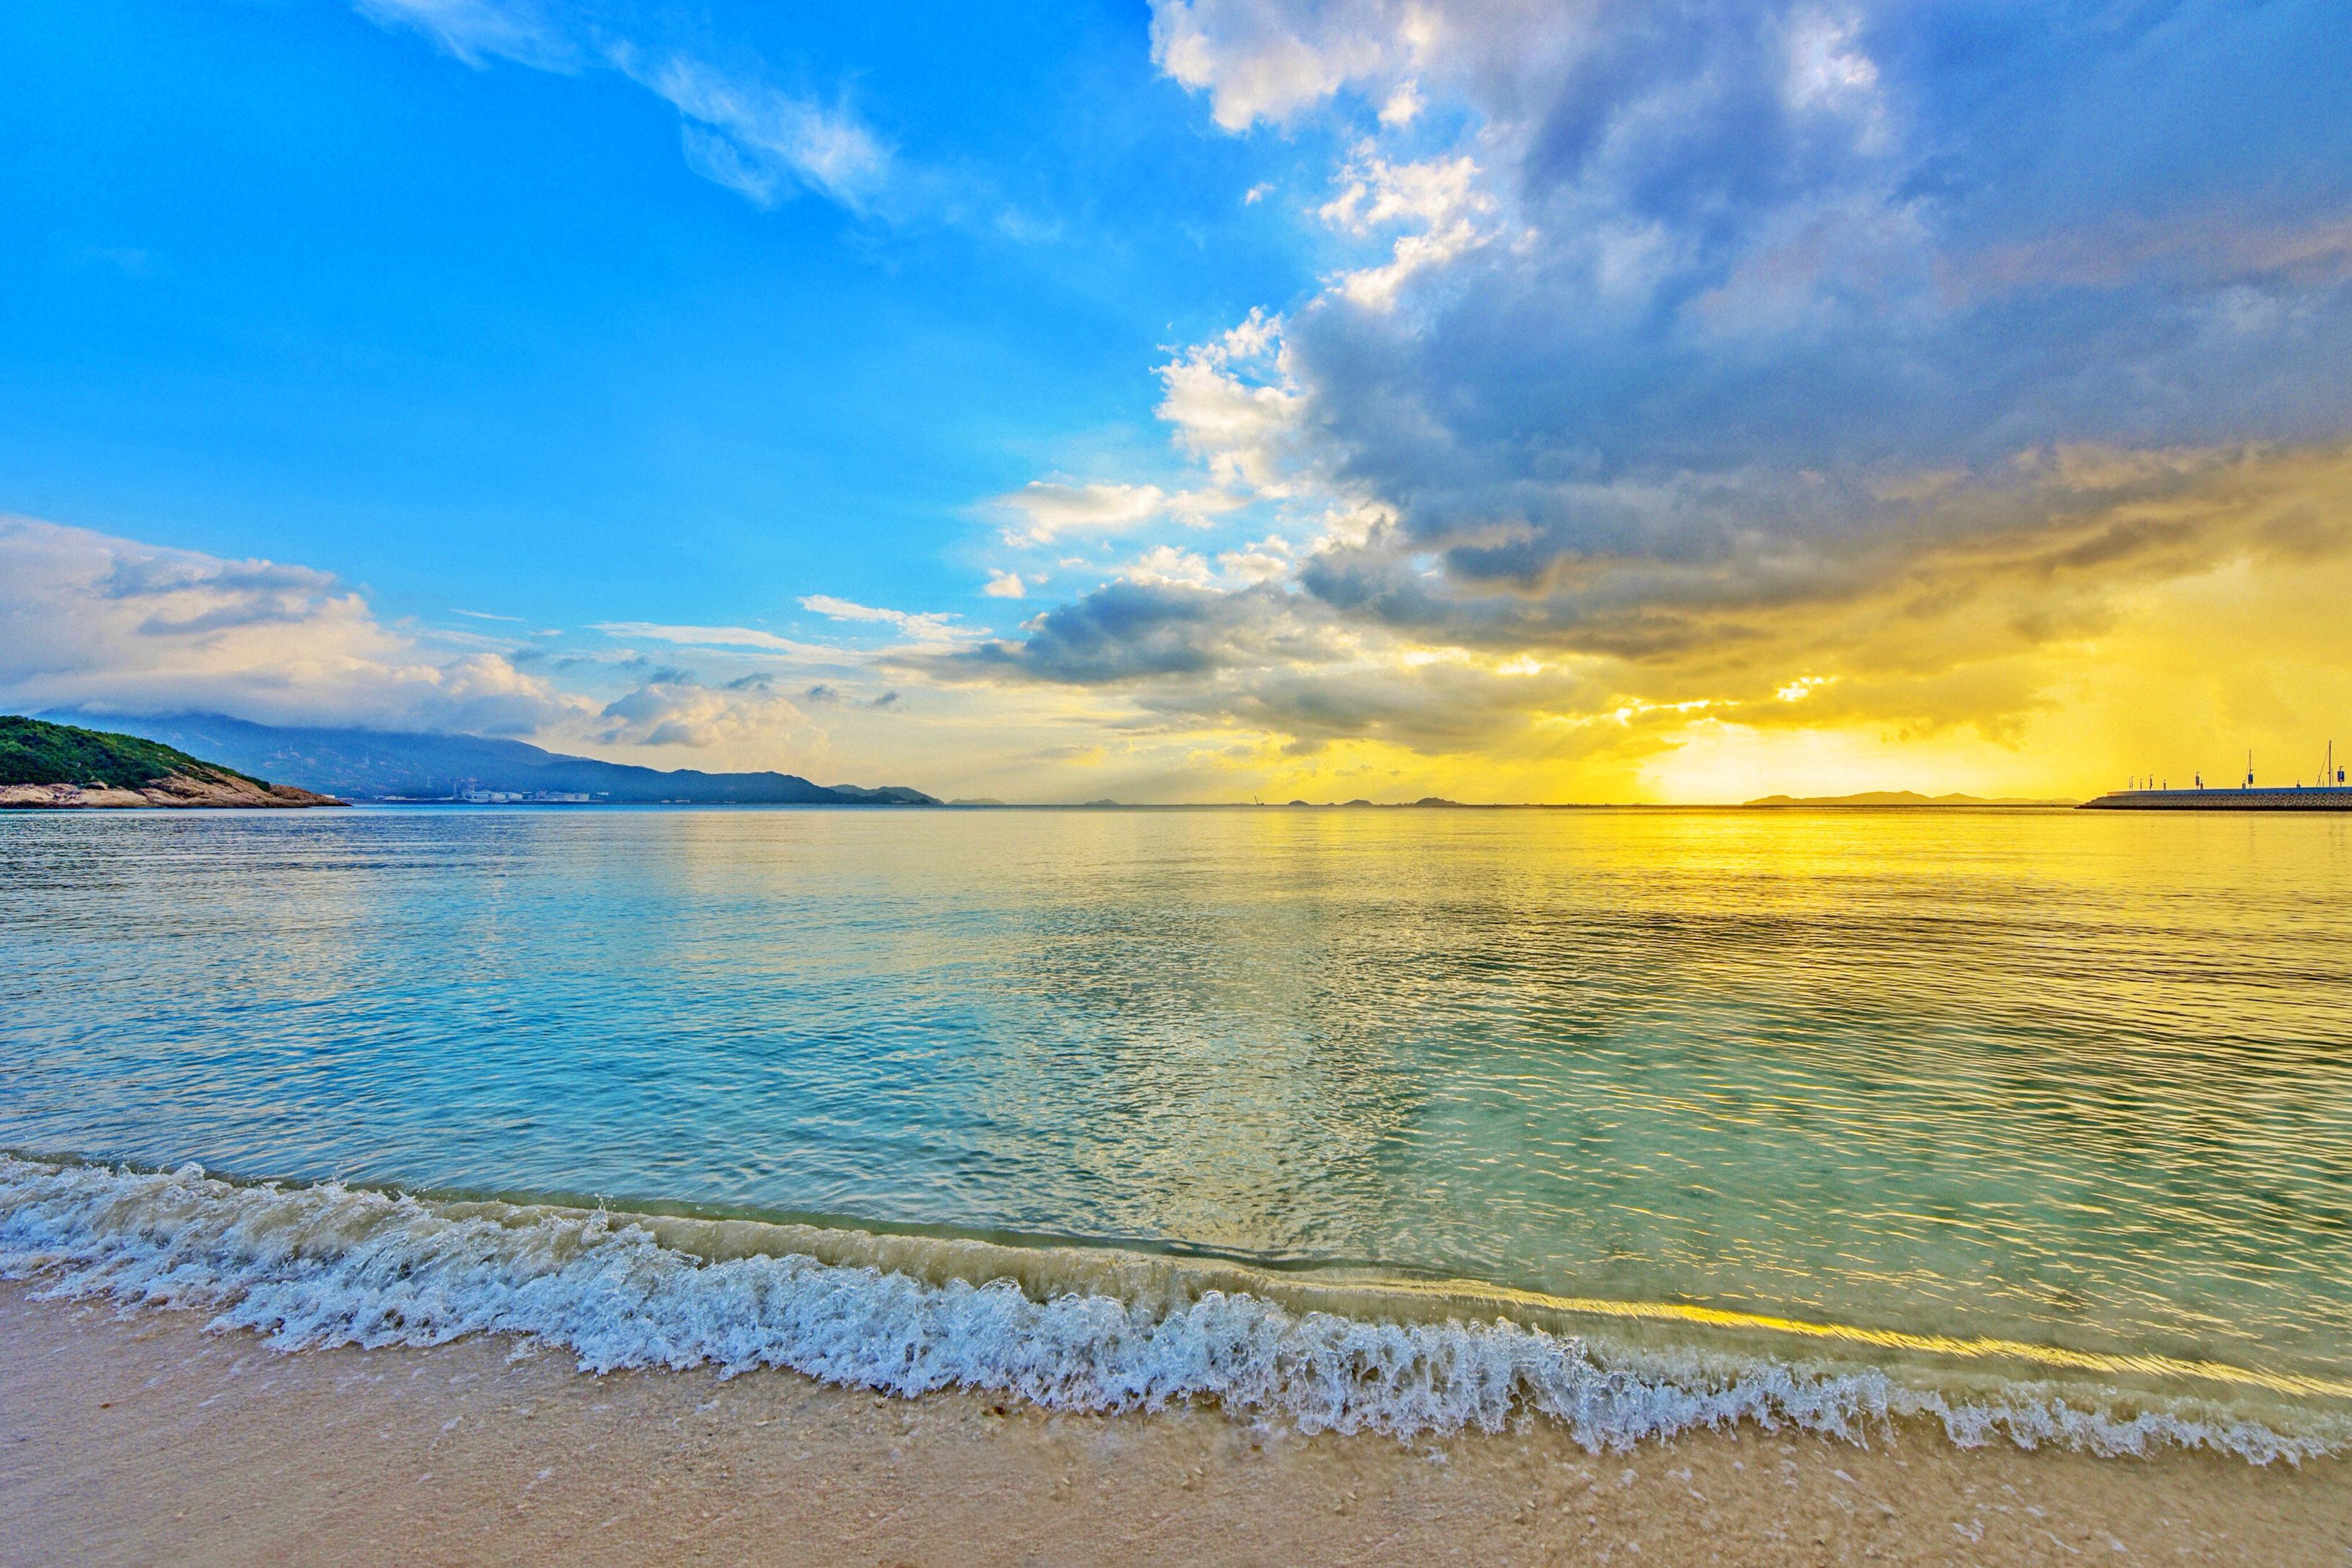 泰国海岛旅游太危险,拥有广东最美沙滩的深圳桔钓沙要火了